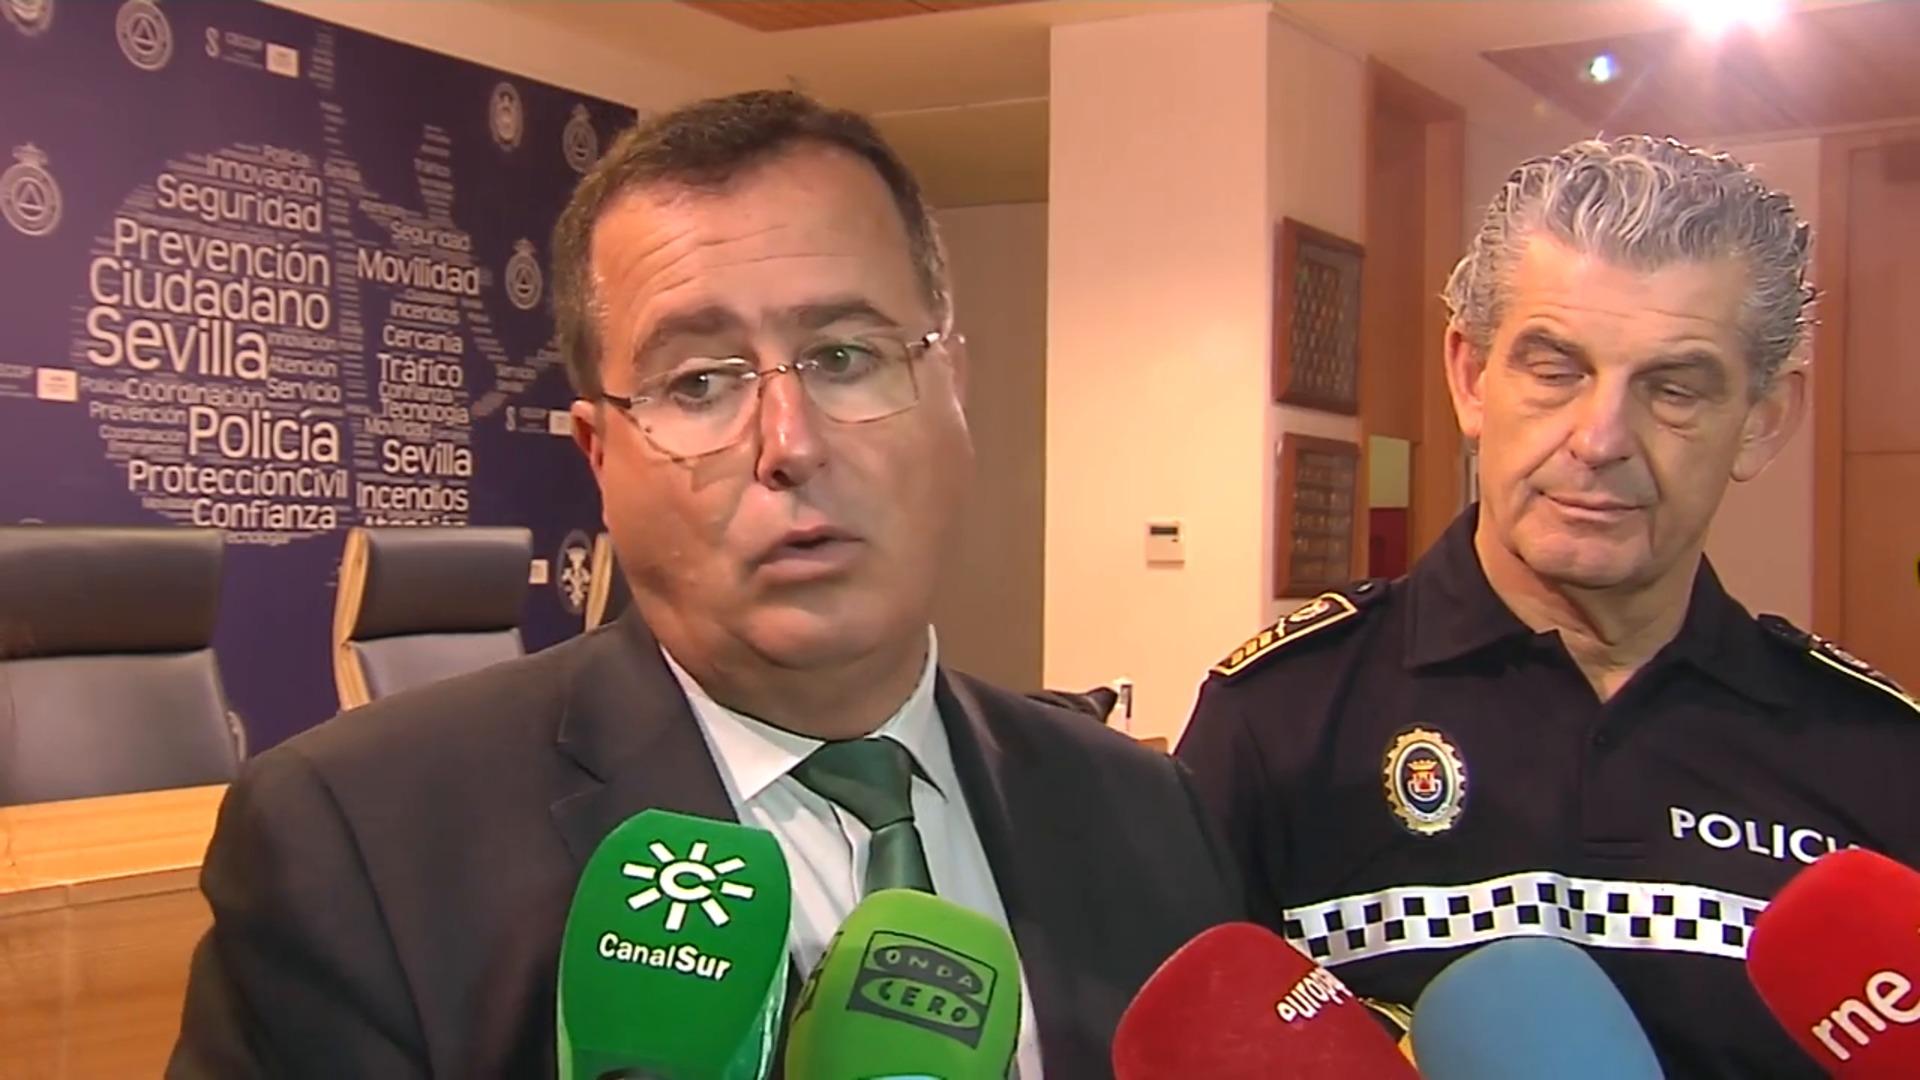 """Cabrera (PSOE) cubre de insultos racistas al dueño del restaurante: """"¿Pero tú sabes quién soy, machupichu?"""""""